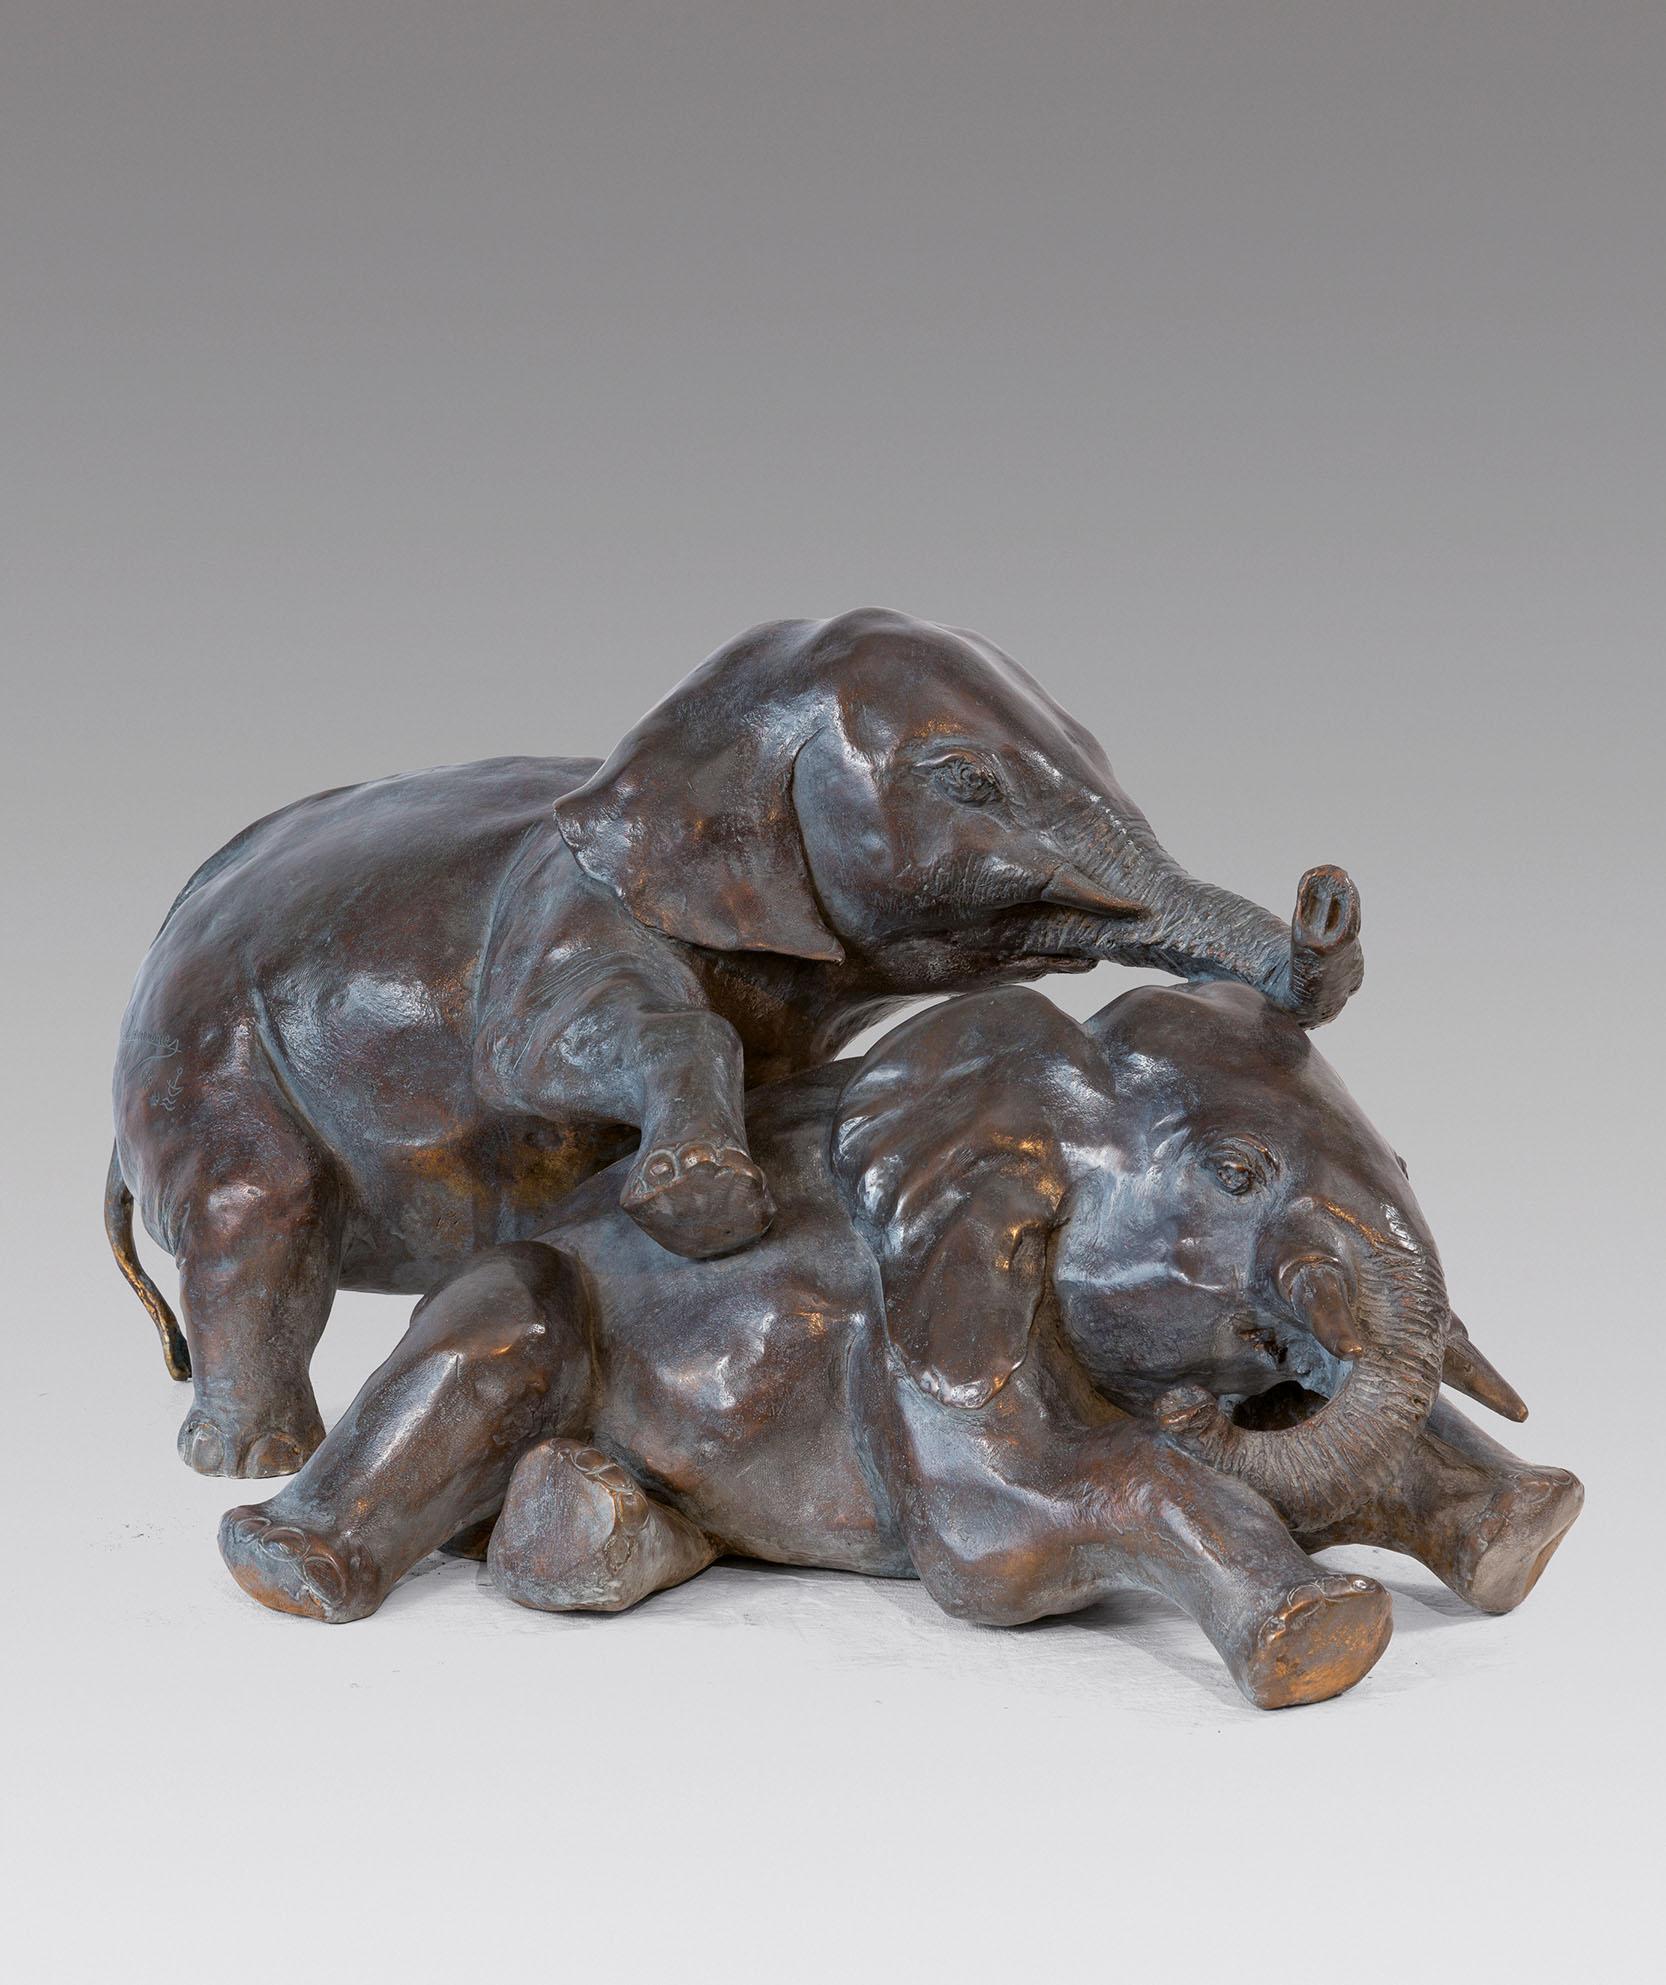 Jean Lemonnier - Jeux d'éléphanteaux, bronze H 26, 55, 38 cm